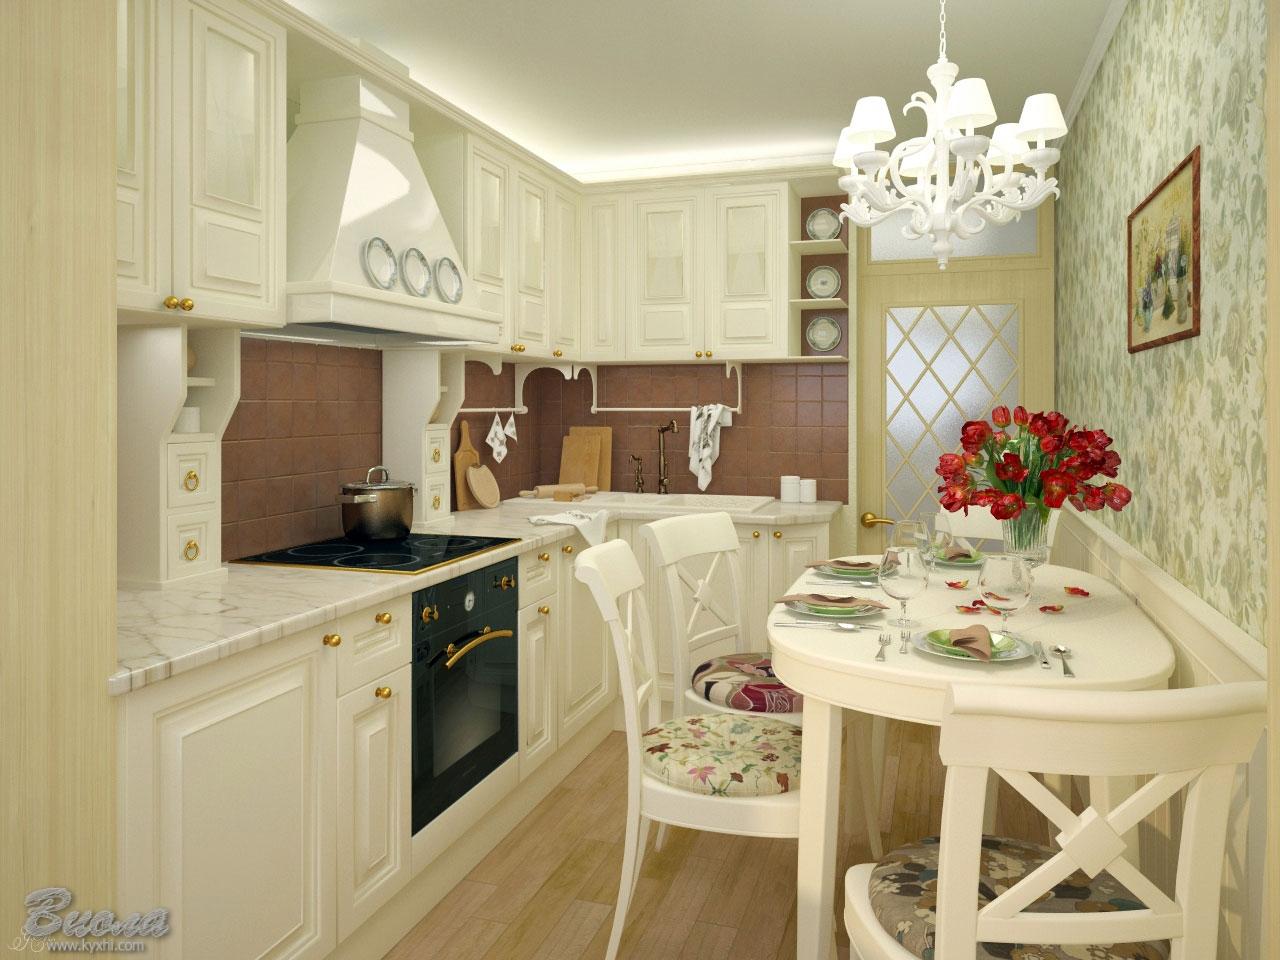 дизайн кухни в теплых пастельных тонах цена фото